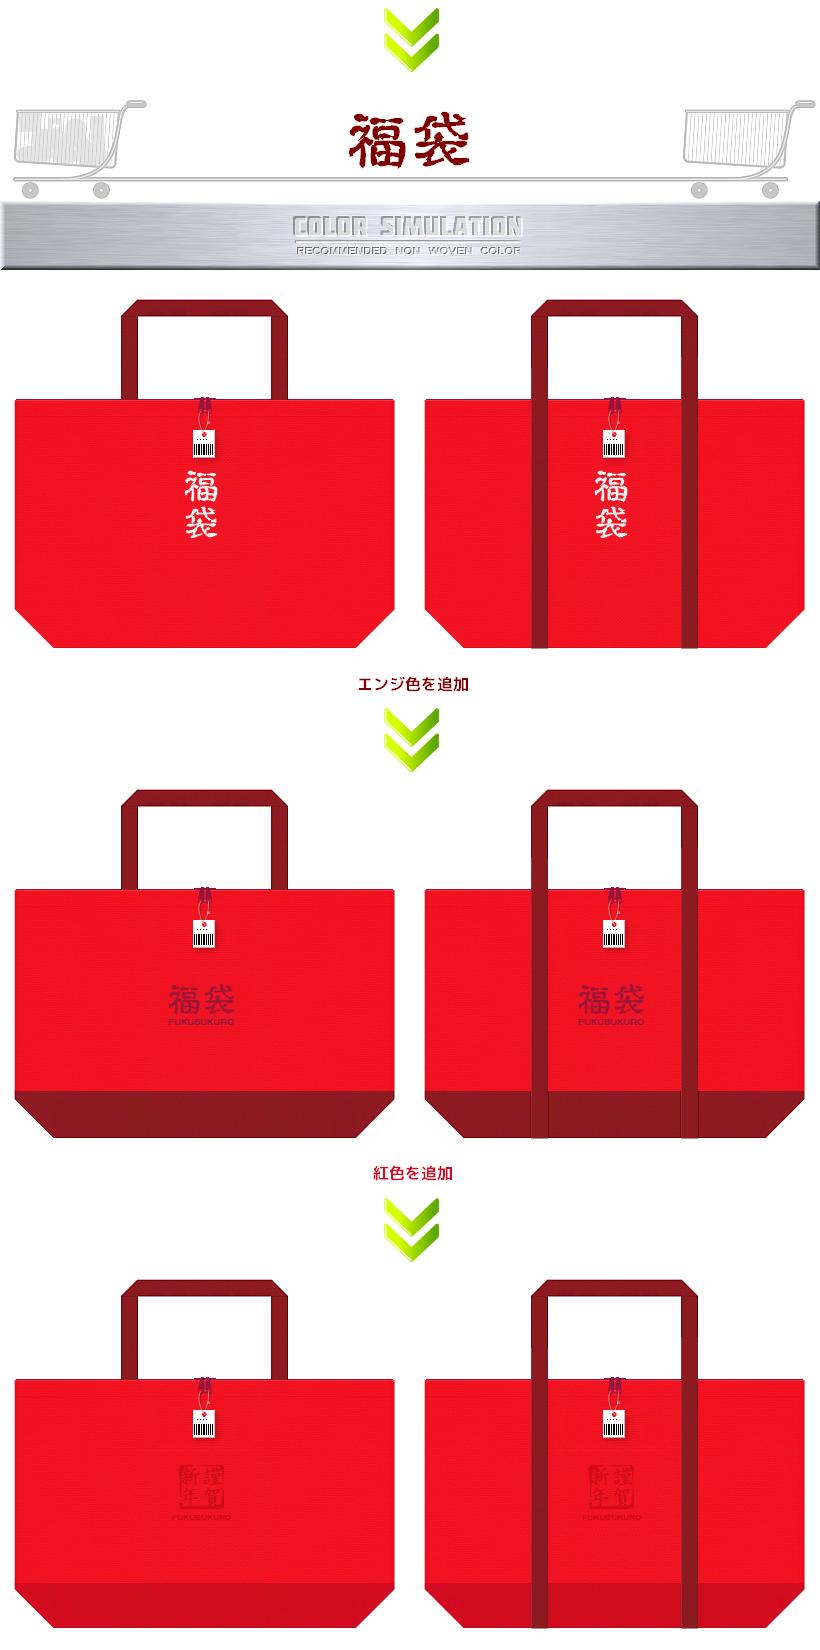 赤色・エンジ色・紅色の不織布を使用した不織布バッグデザイン:福袋